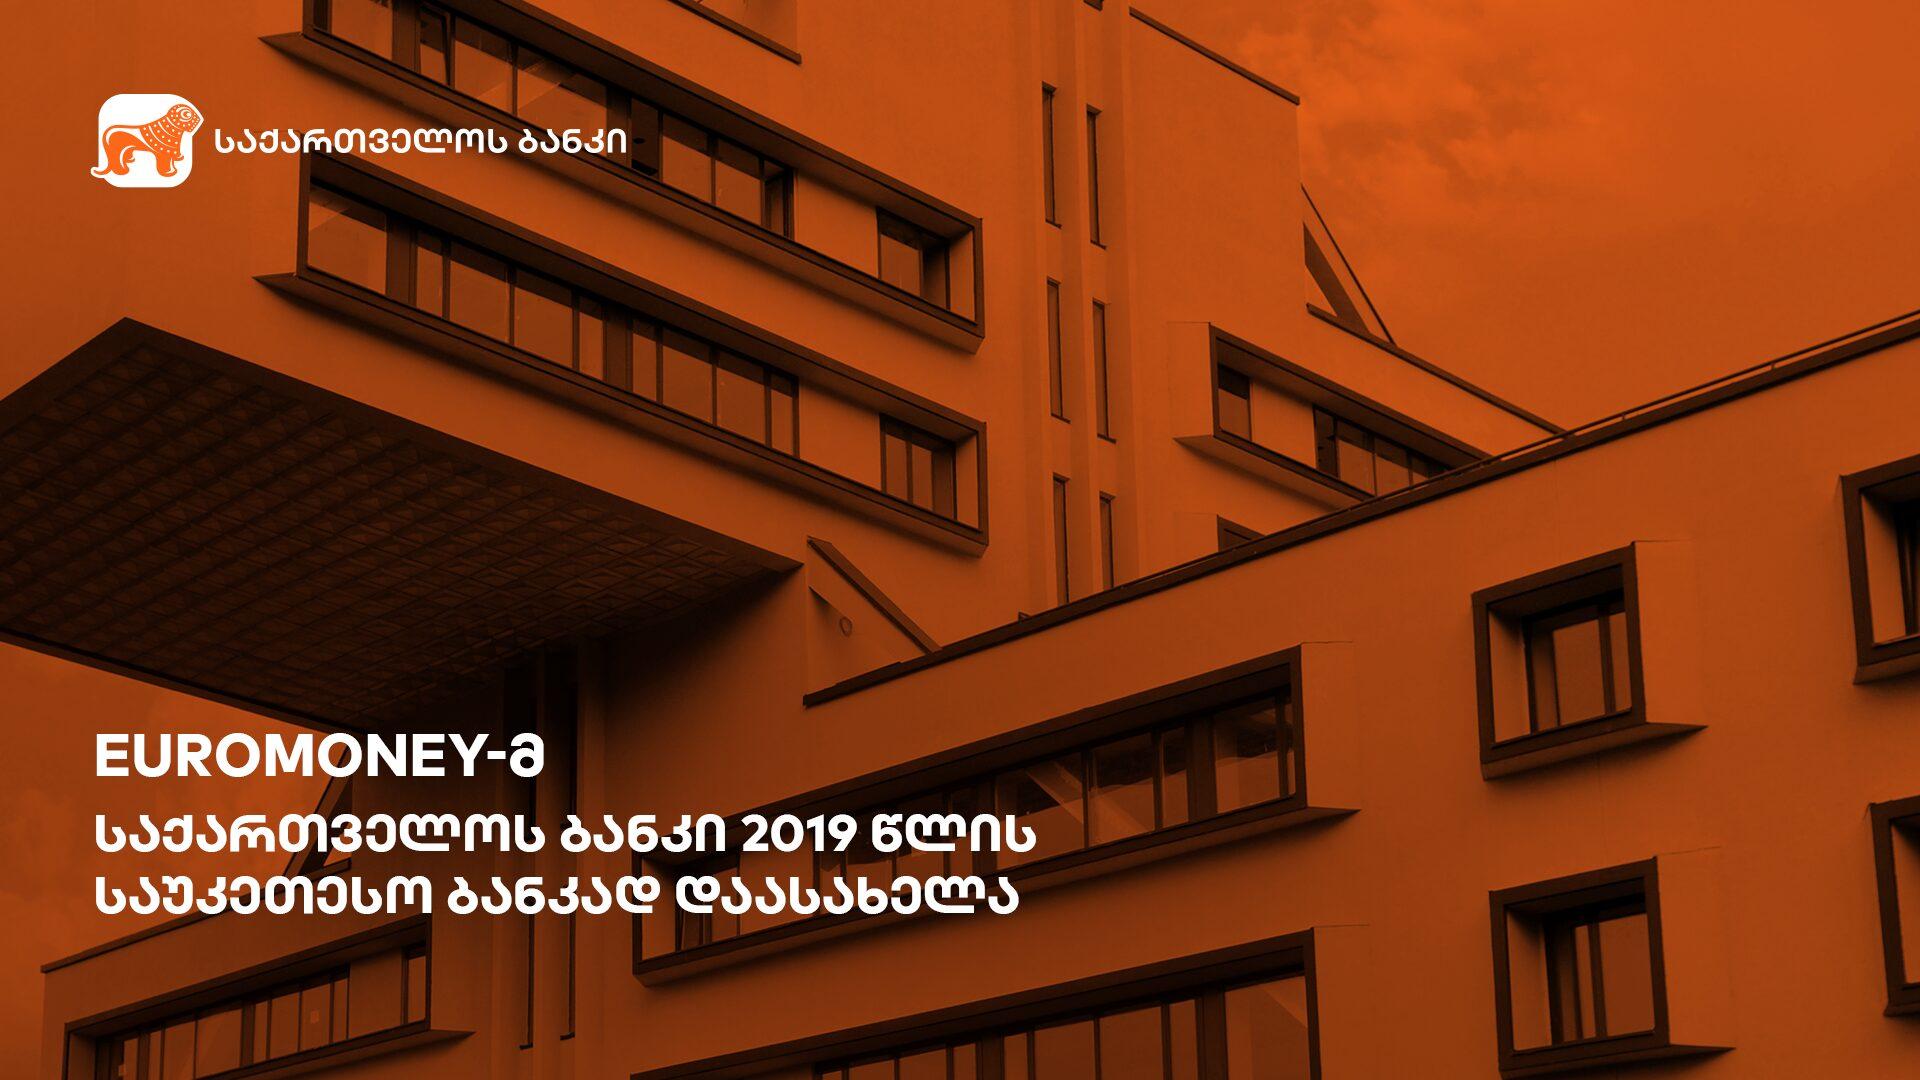 Photo of Euromoney-მ საქართველოს ბანკი 2019 წლის საუკეთესო ბანკად დაასახელა საქართველოში